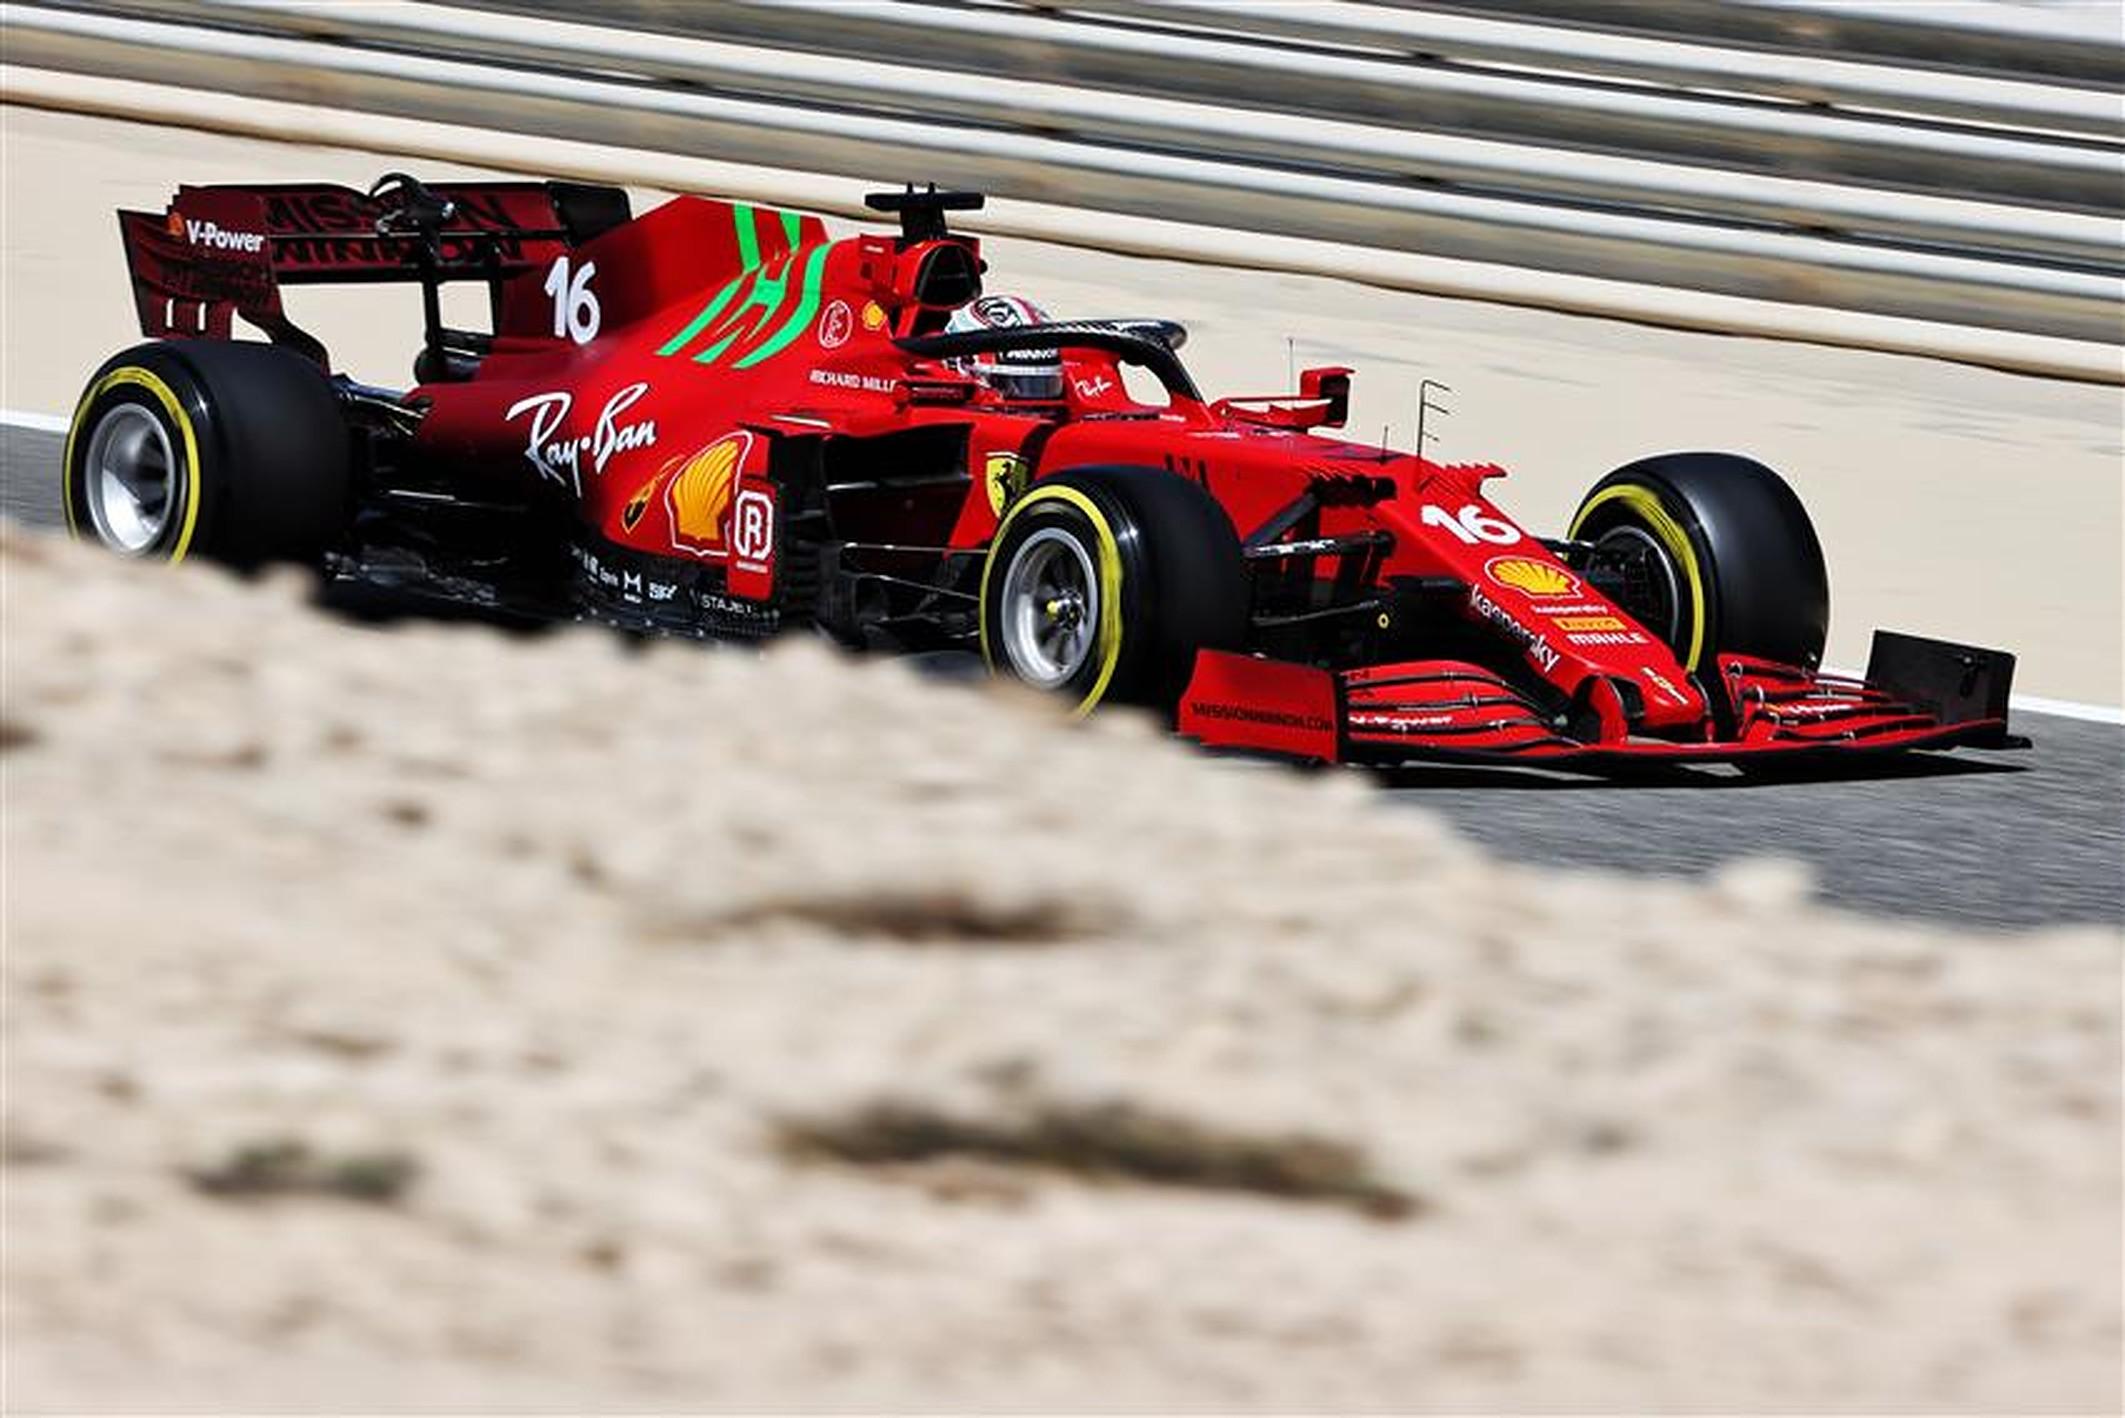 2021 Ferrari F1 power unit - Formula1news.co.uk